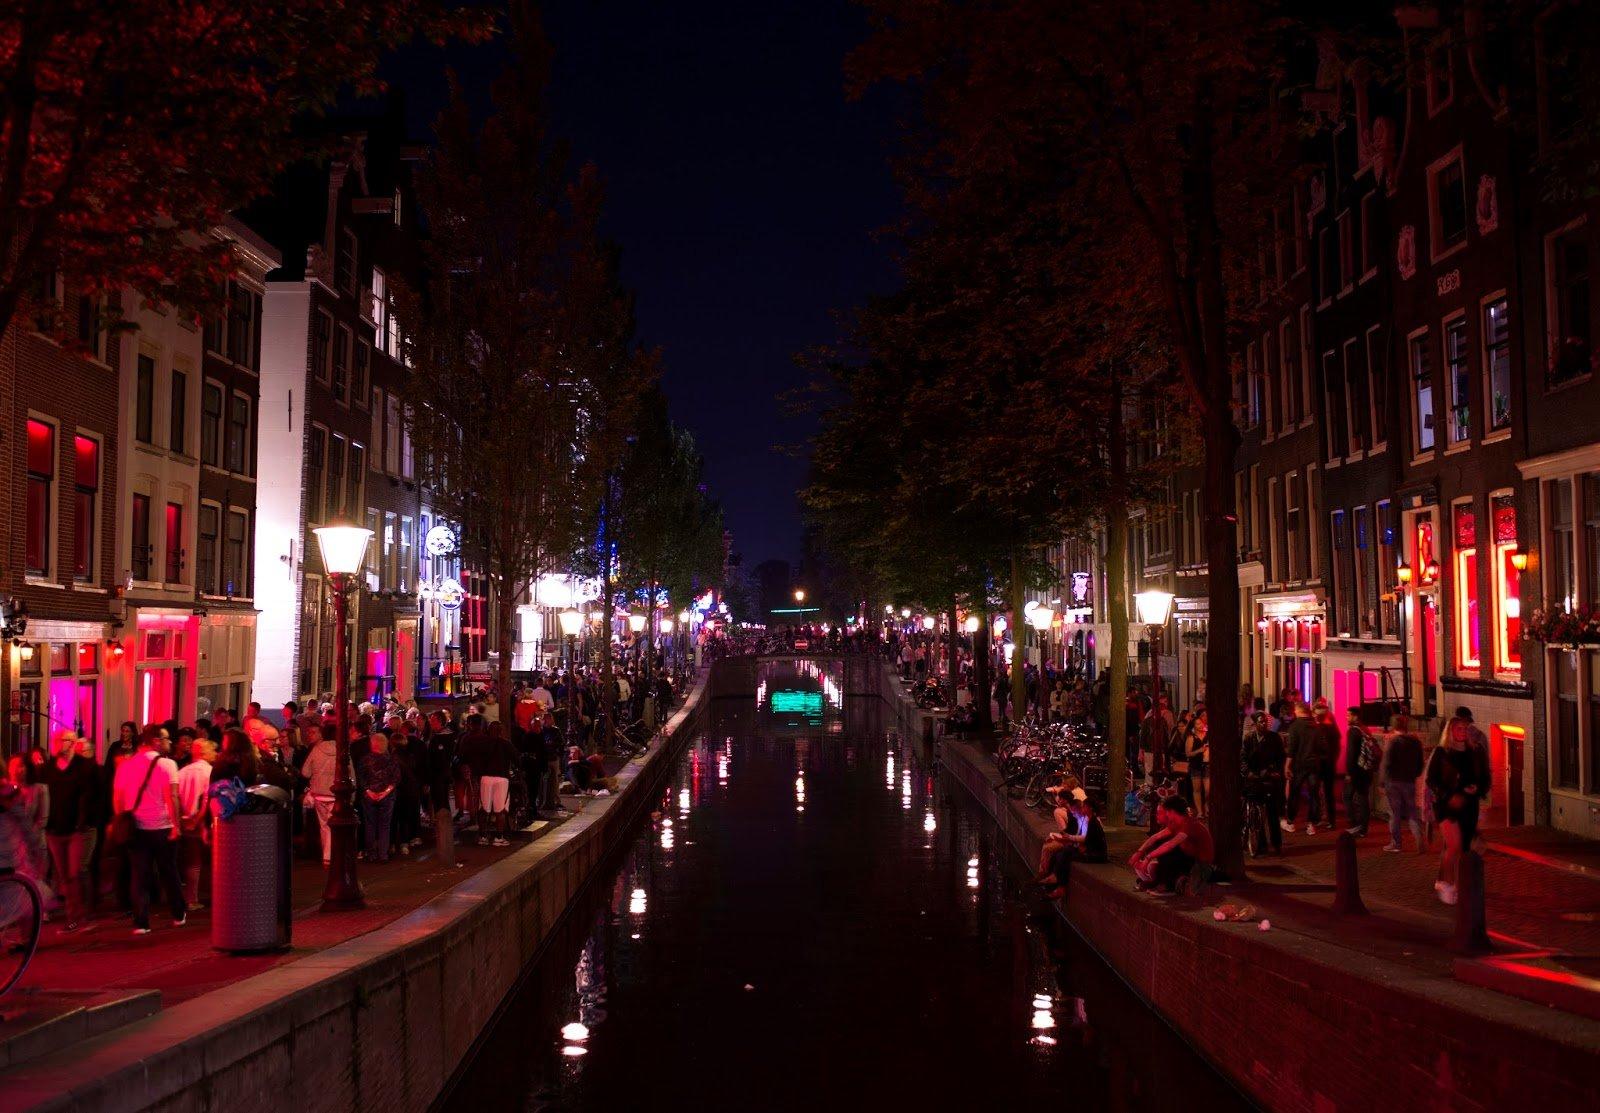 амстердам район красных фонарей фото беззеркальная